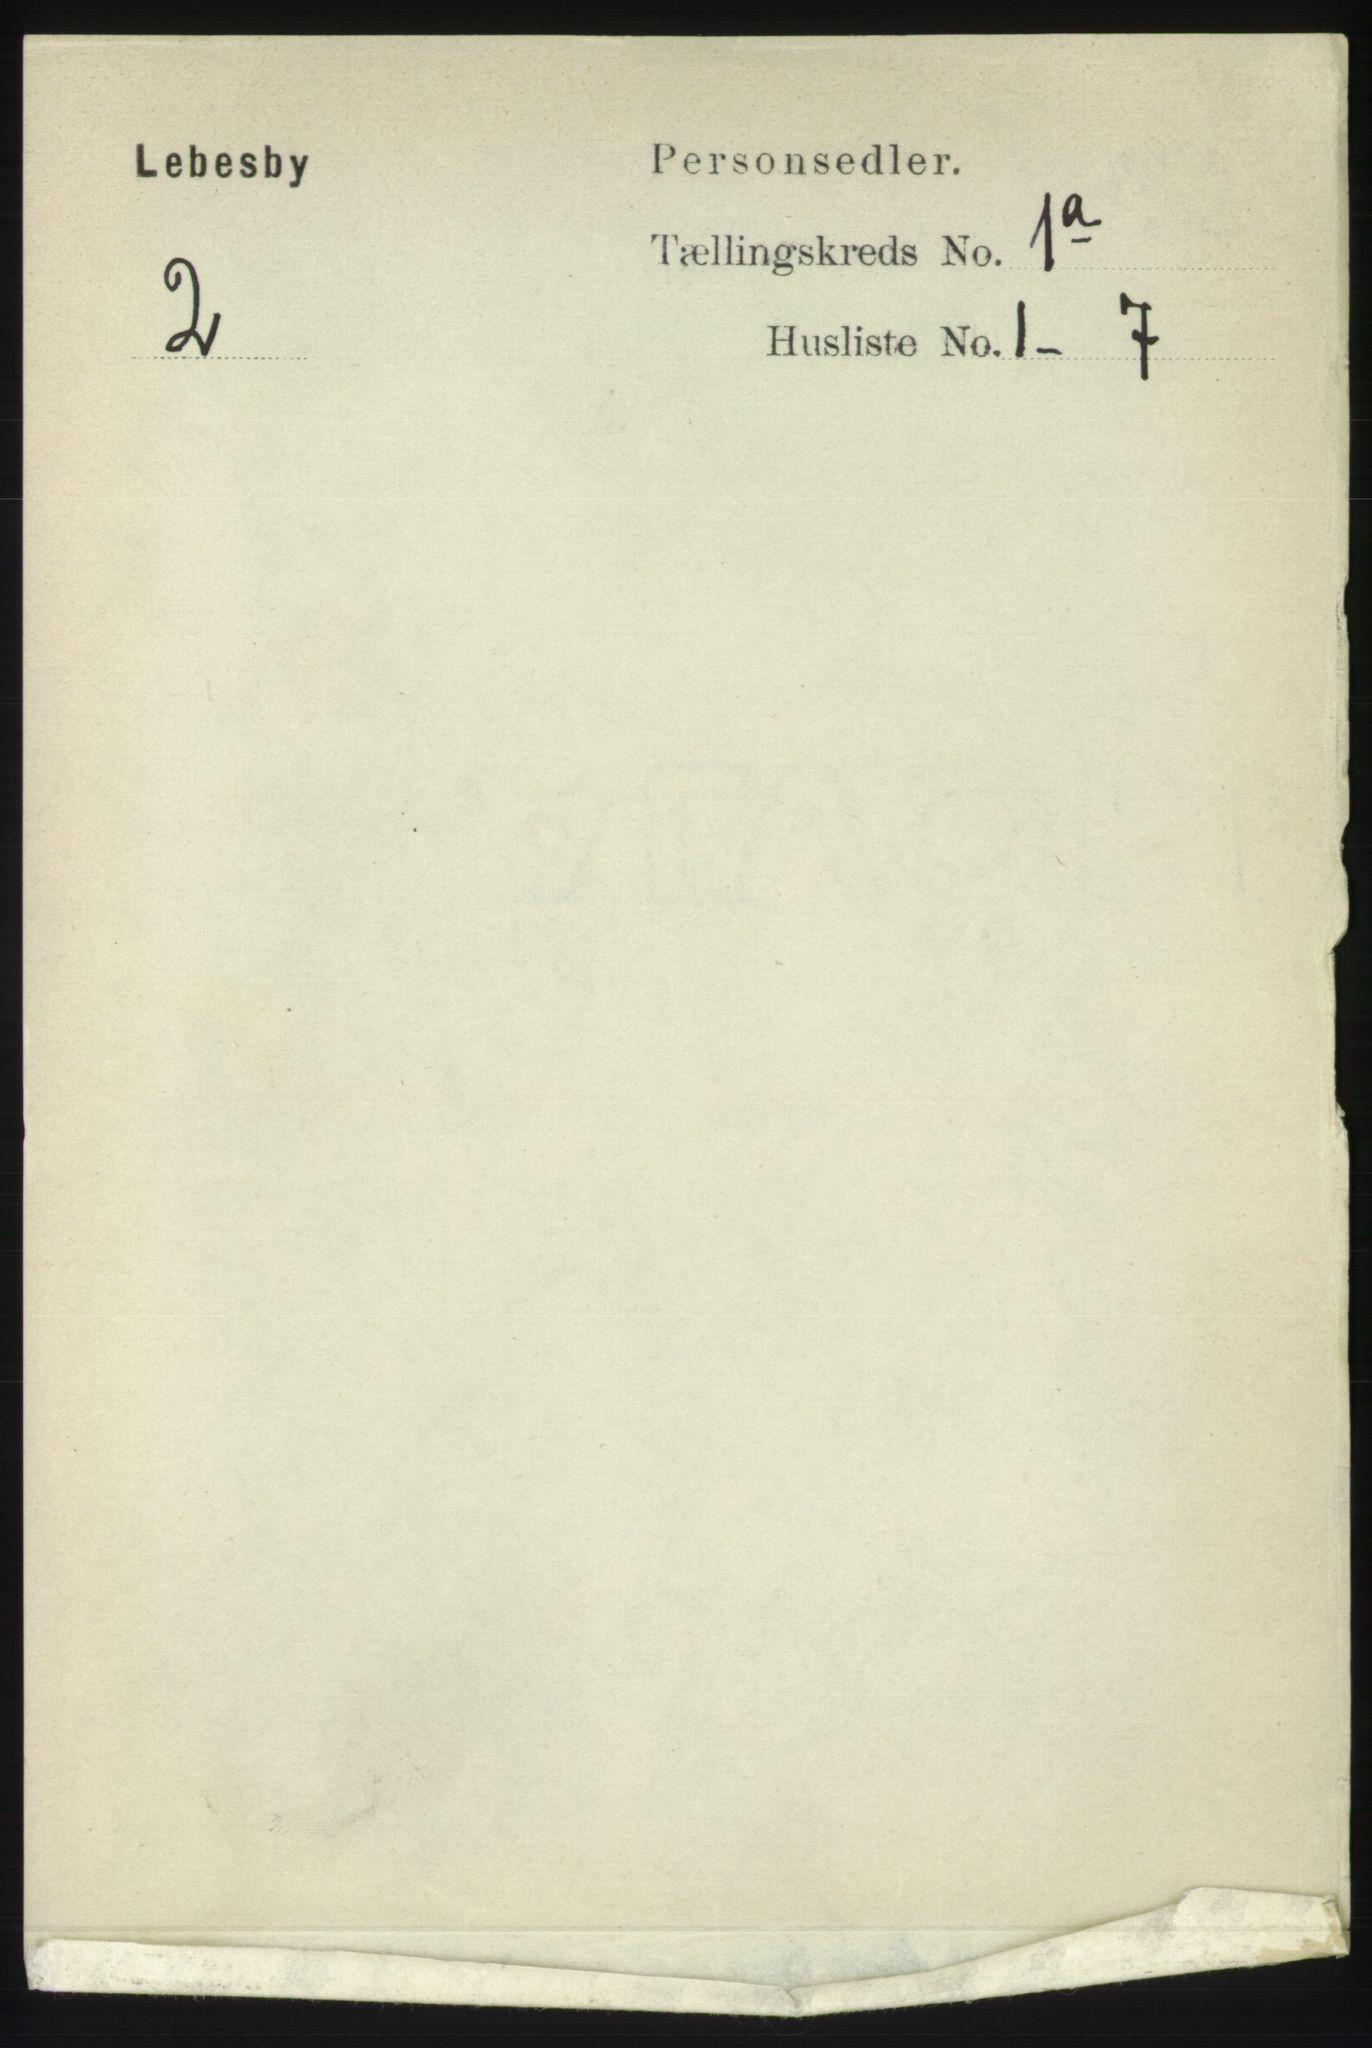 RA, Folketelling 1891 for 2022 Lebesby herred, 1891, s. 29